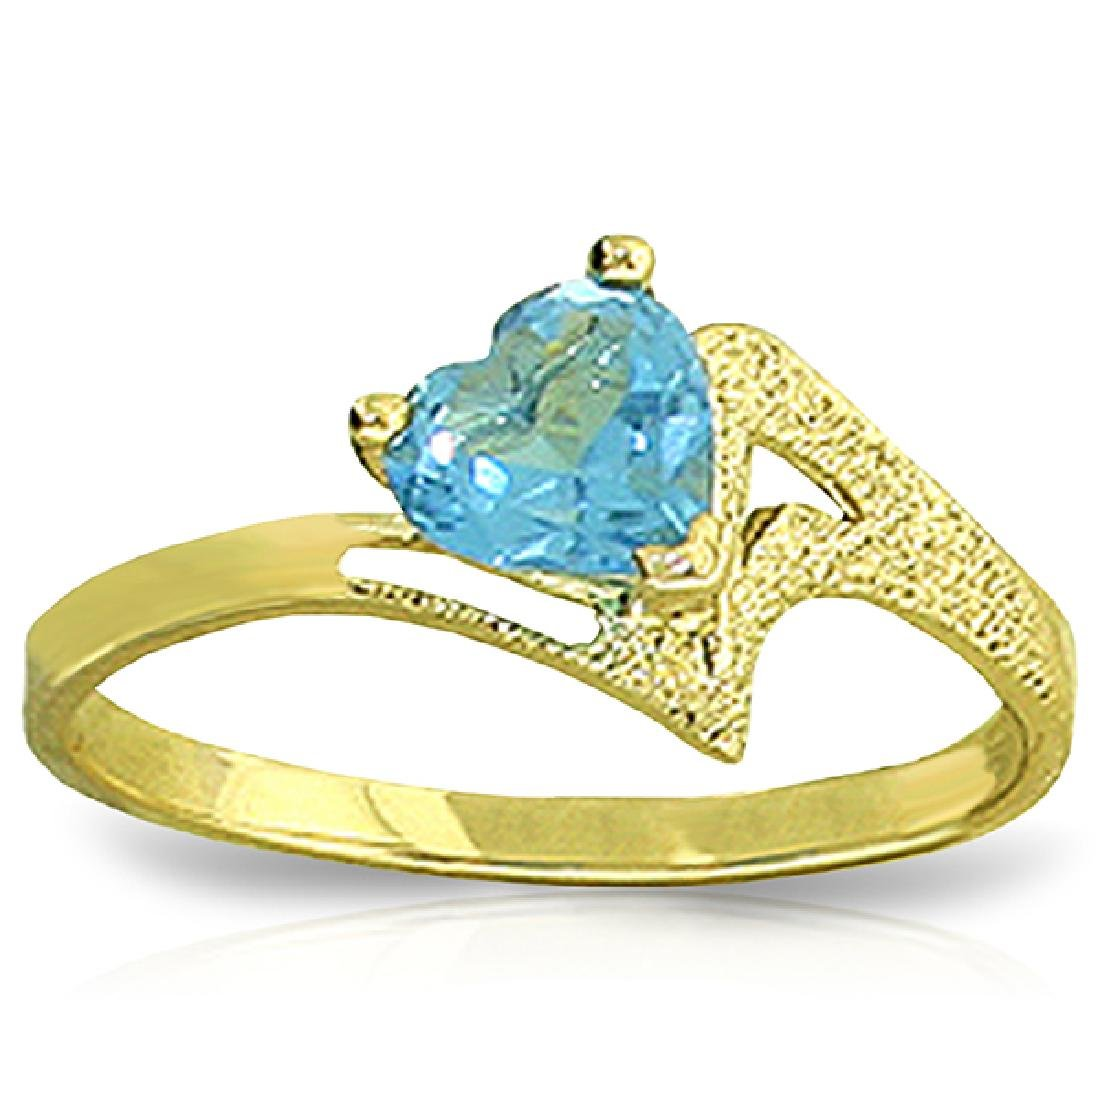 Genuine 0.95 ctw Blue Topaz Ring Jewelry 14KT Yellow